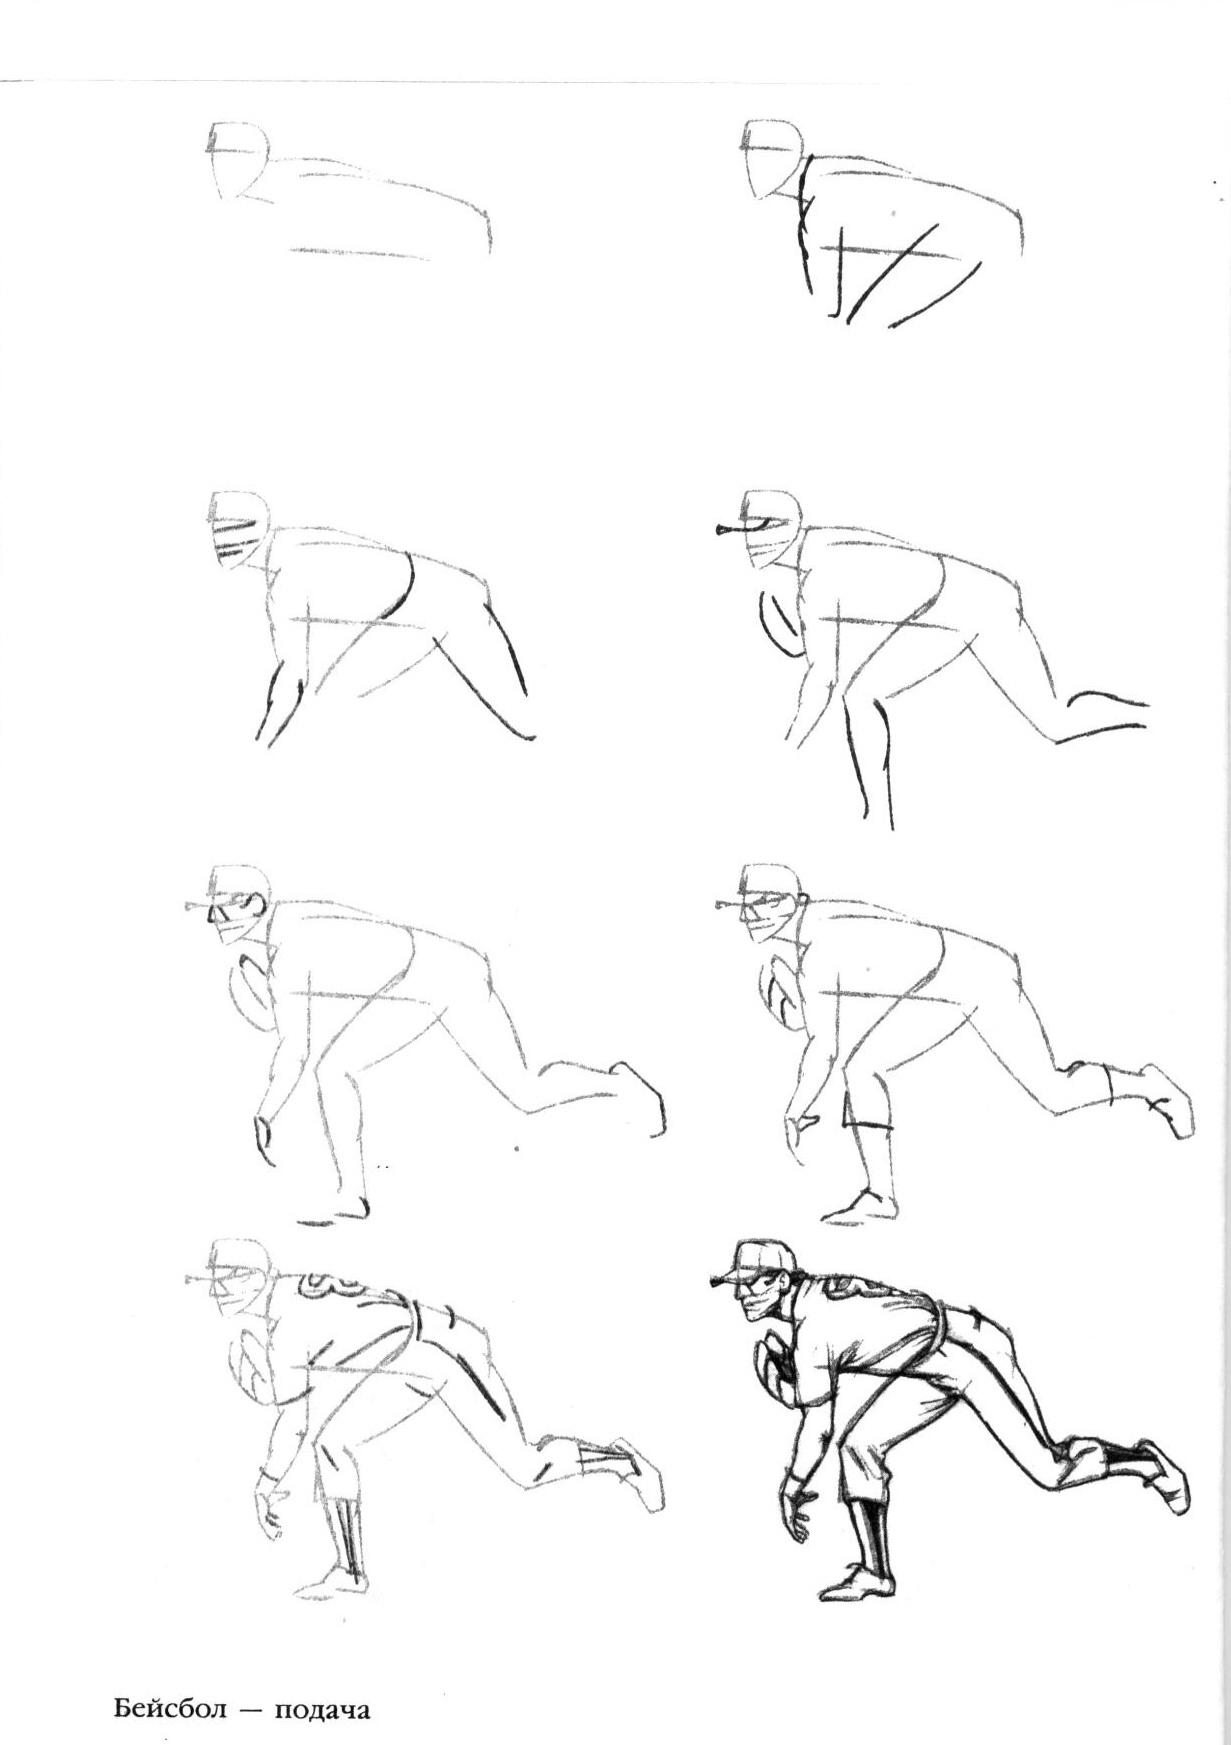 Рисунки простым карандашом про секс 17 фотография